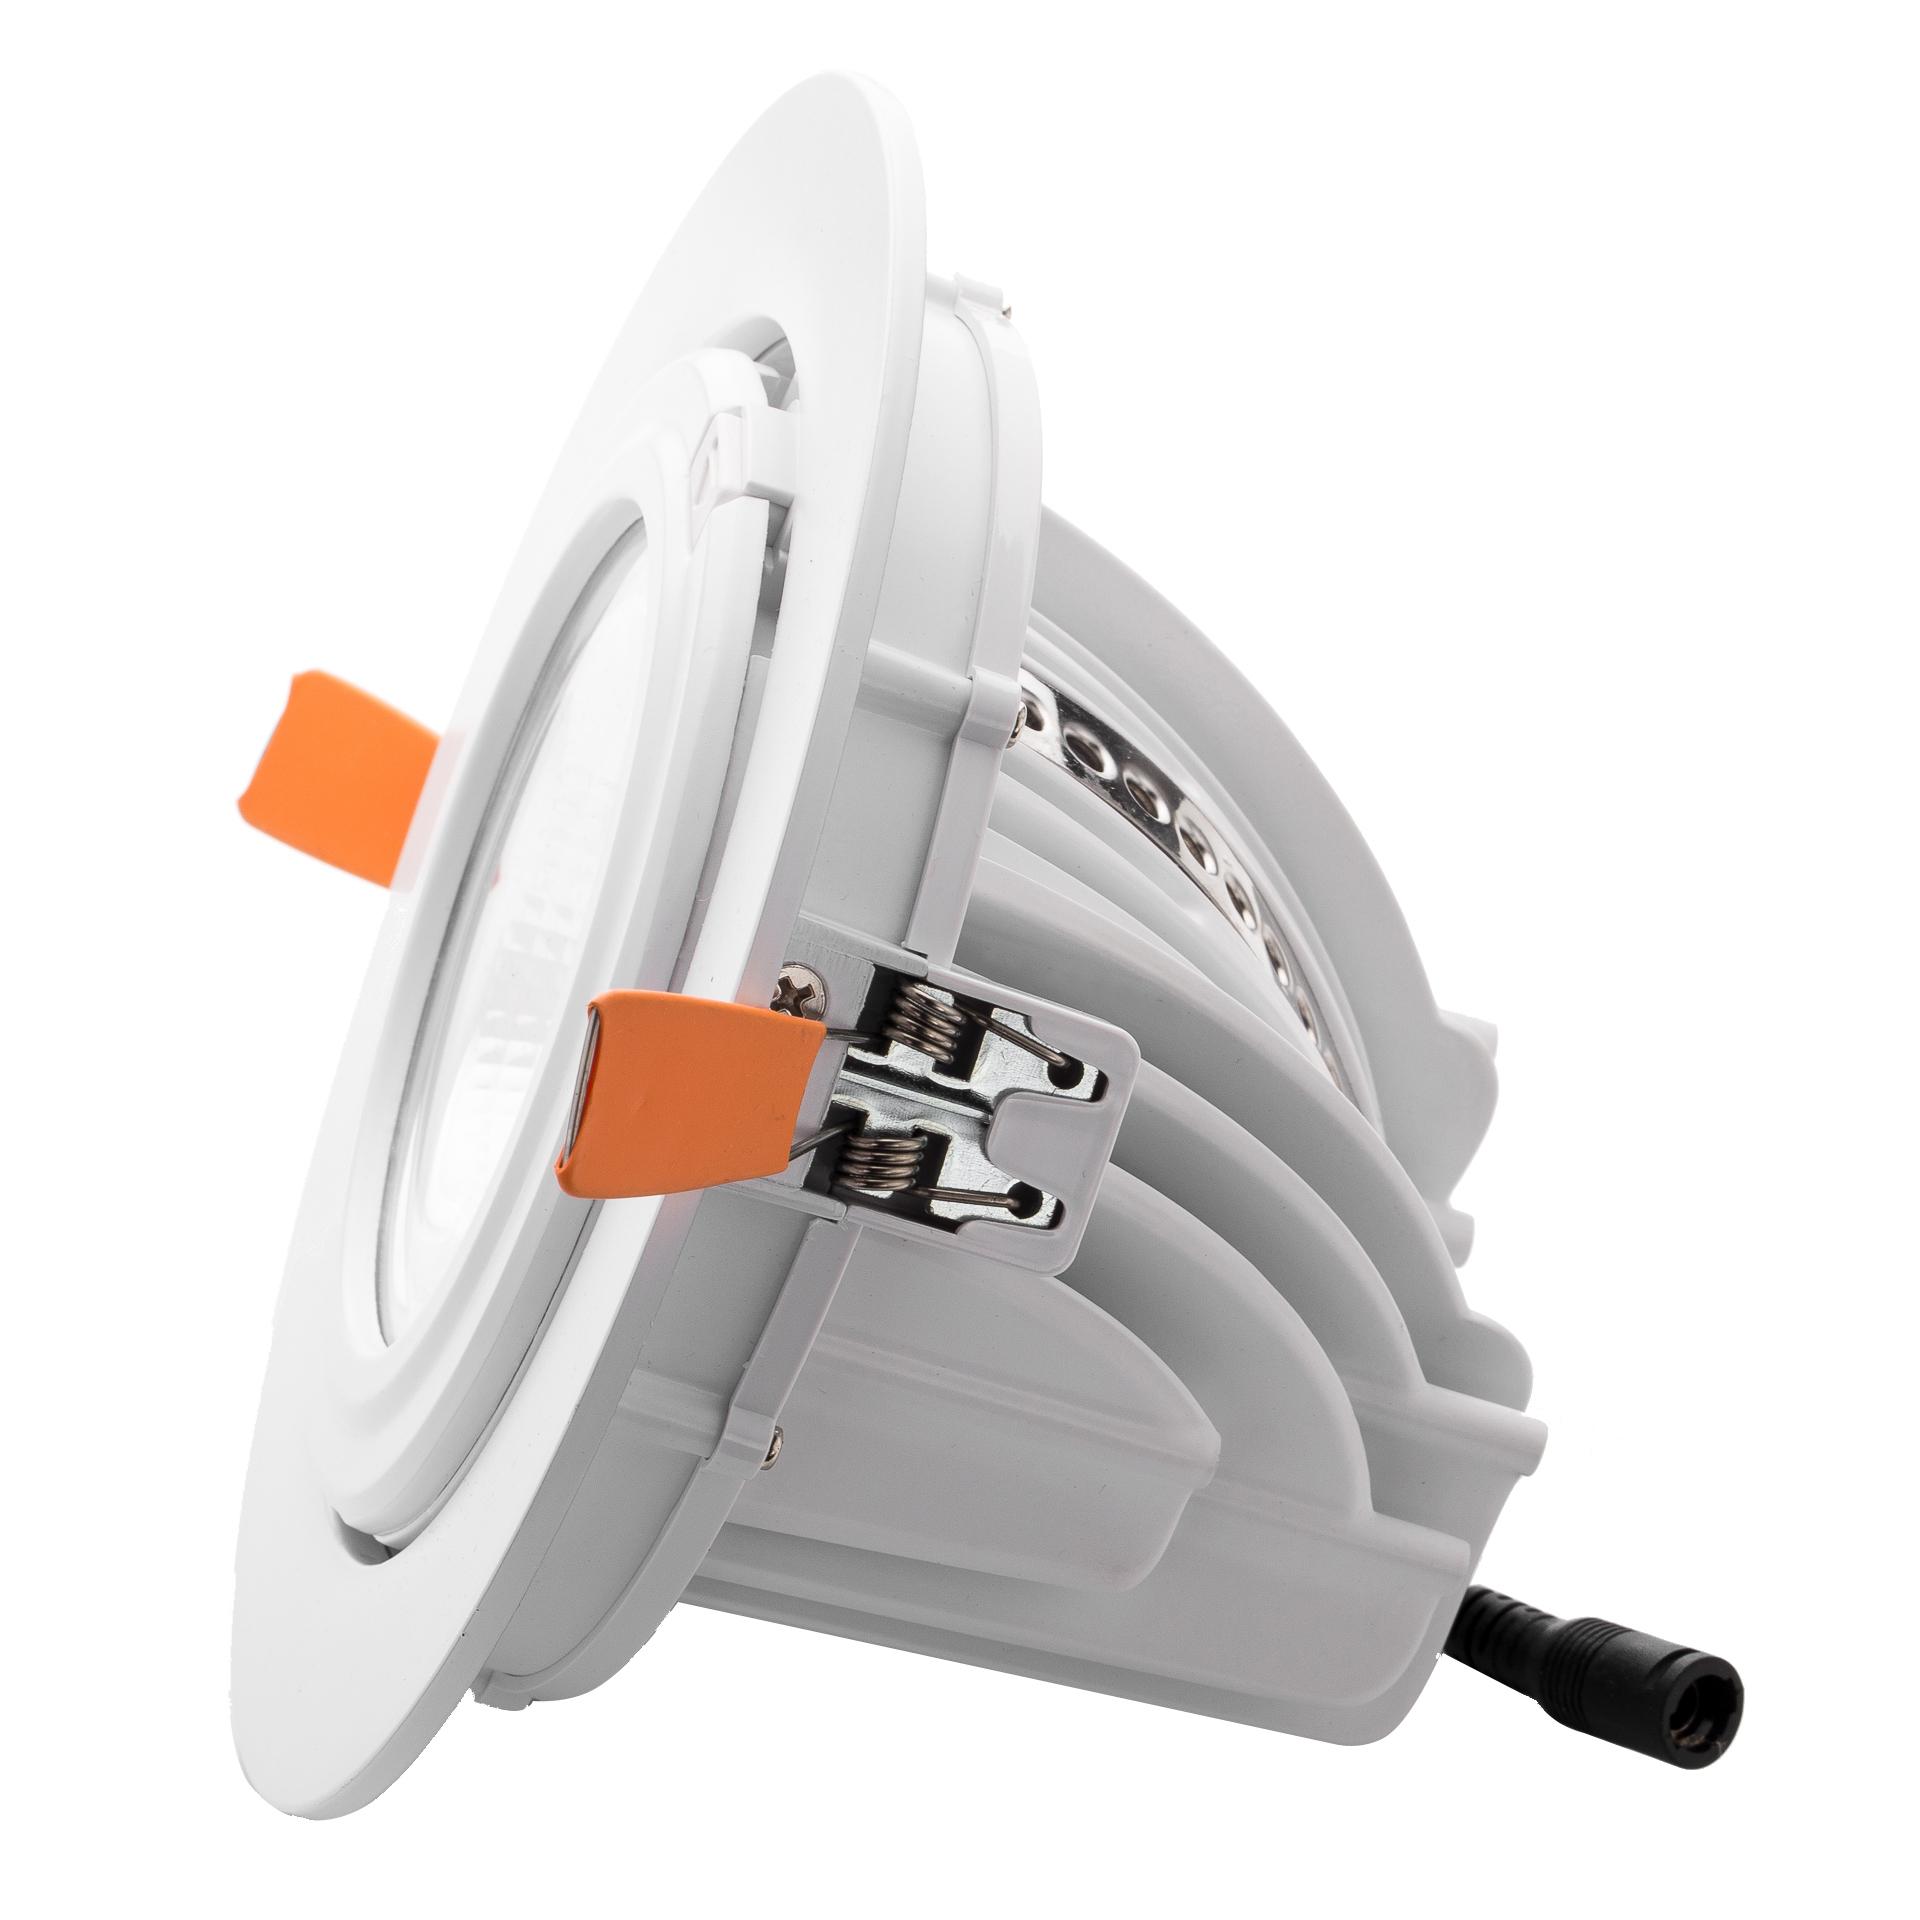 厂家热销款象鼻灯工程款COB筒灯系列15W45W正白暖白照明筒灯